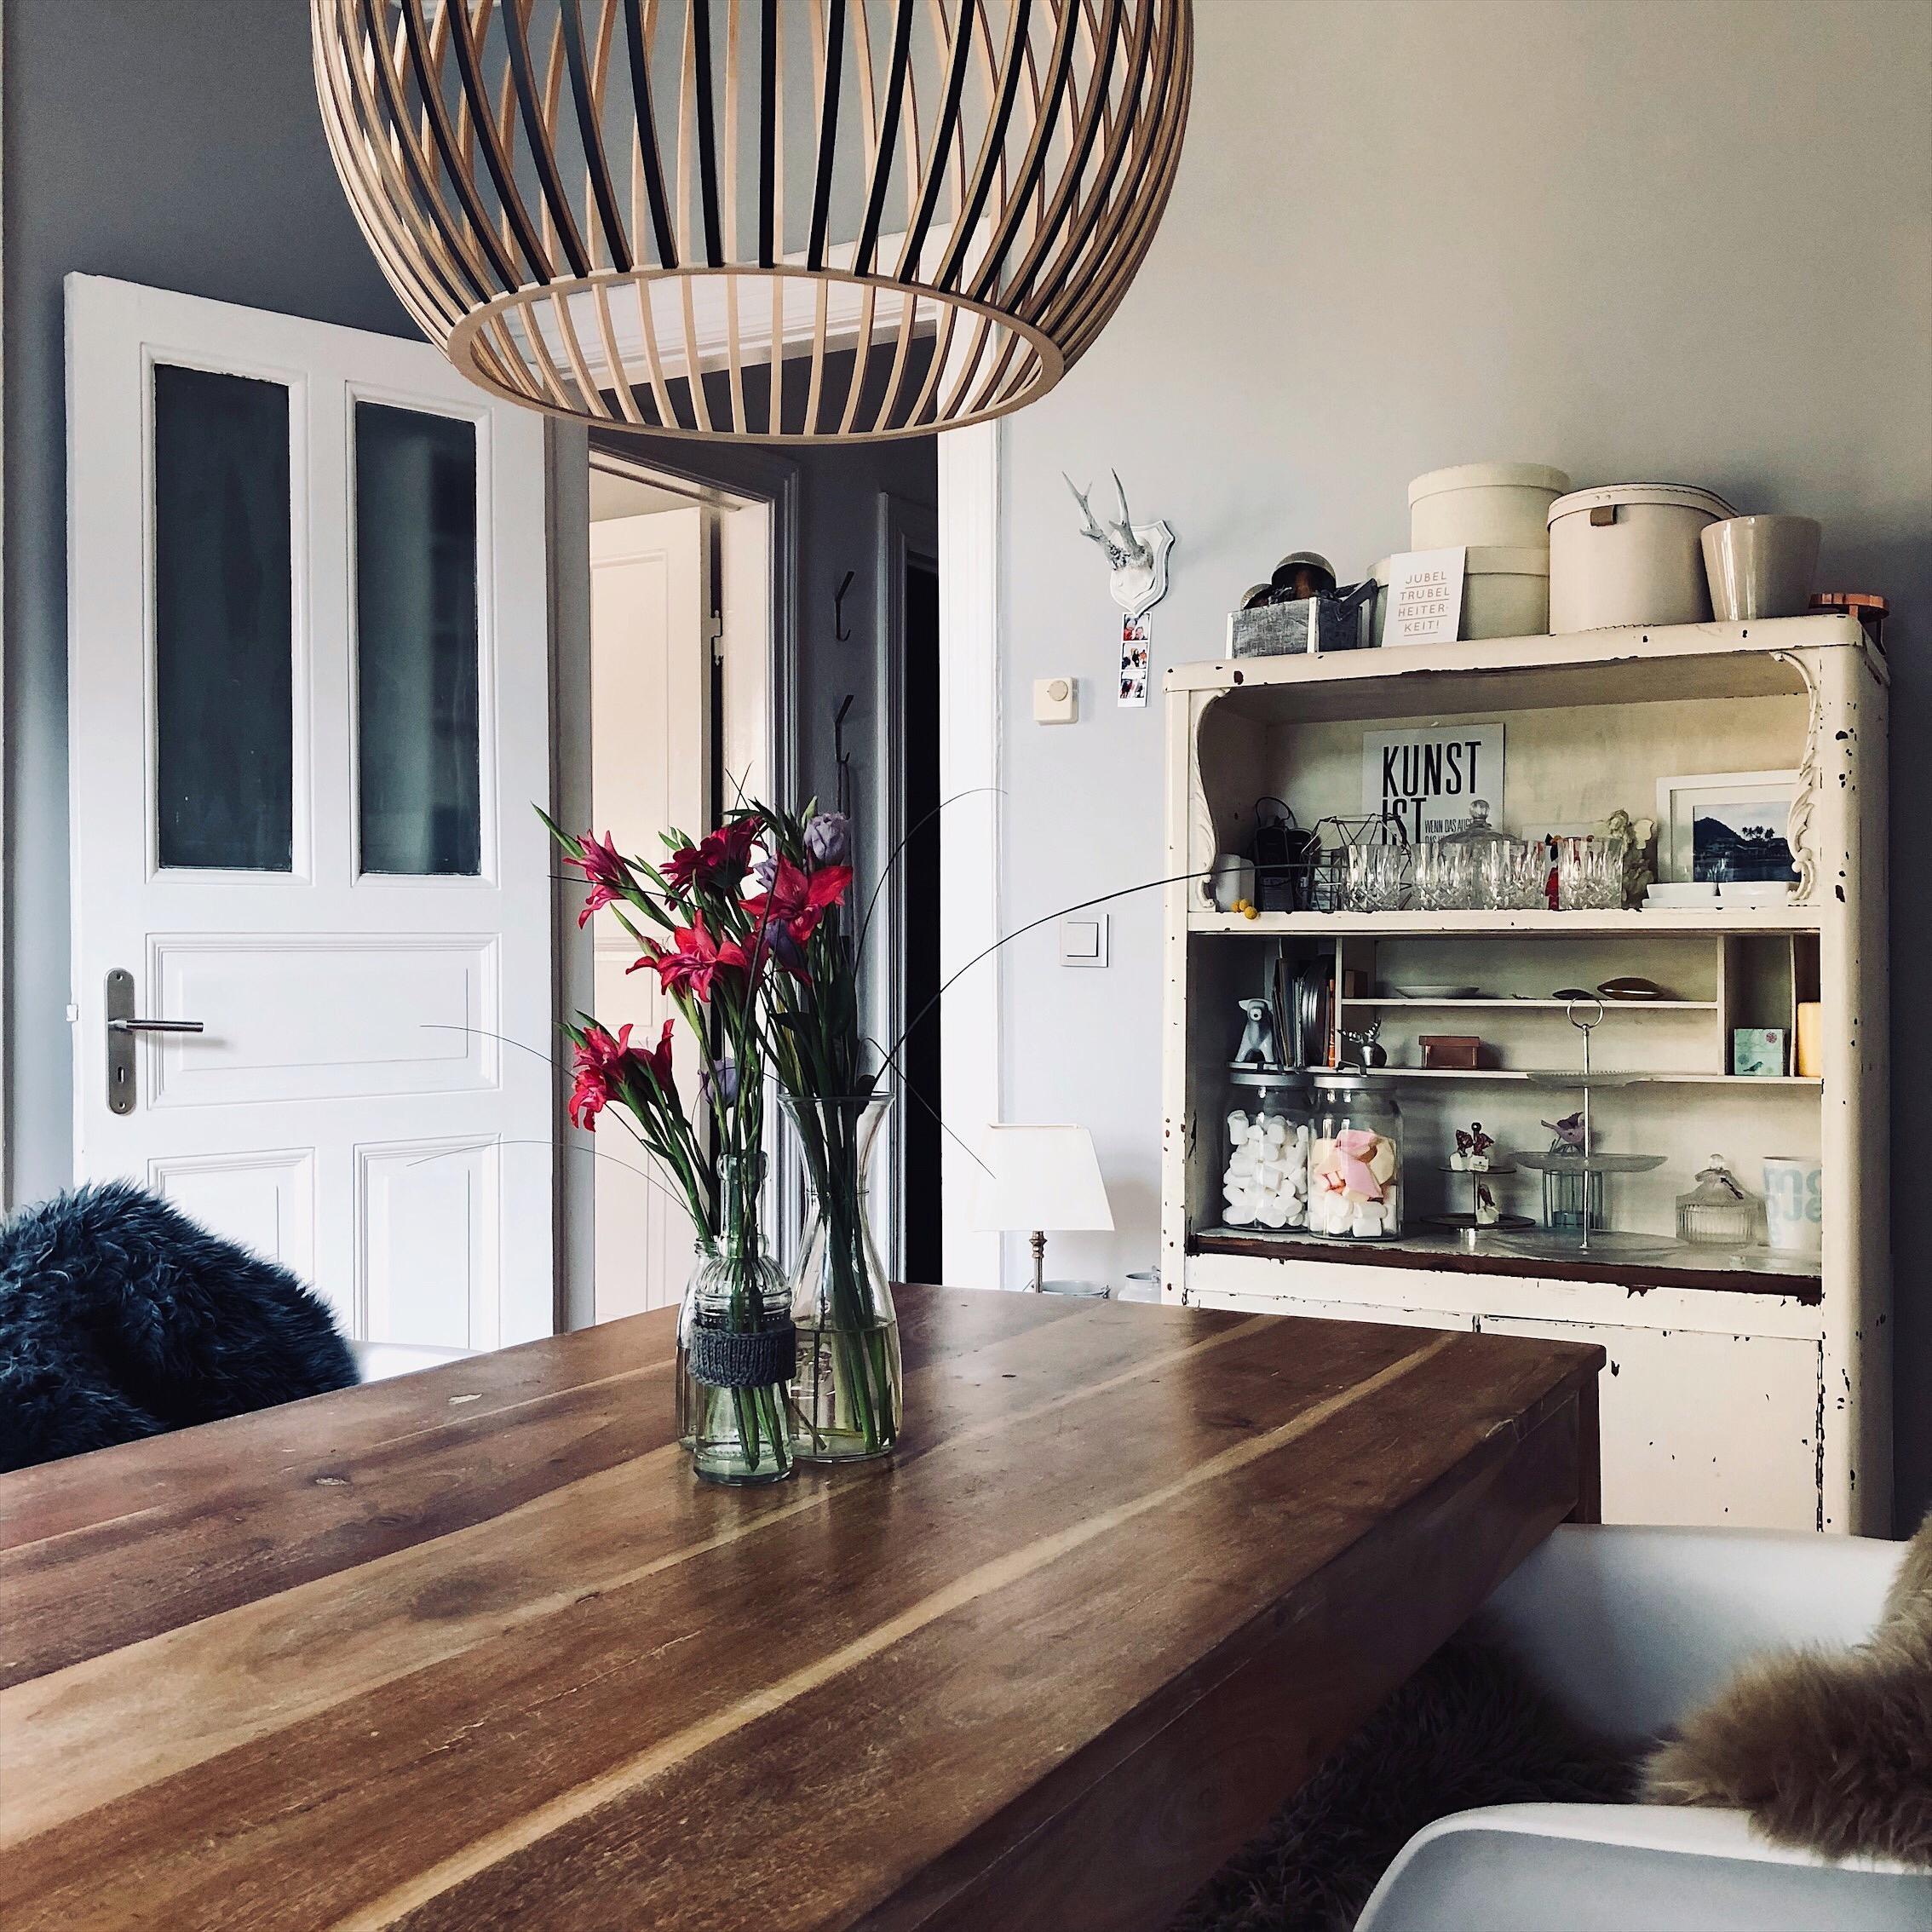 tolle einrichtungsideen rund um den k chenschrank. Black Bedroom Furniture Sets. Home Design Ideas